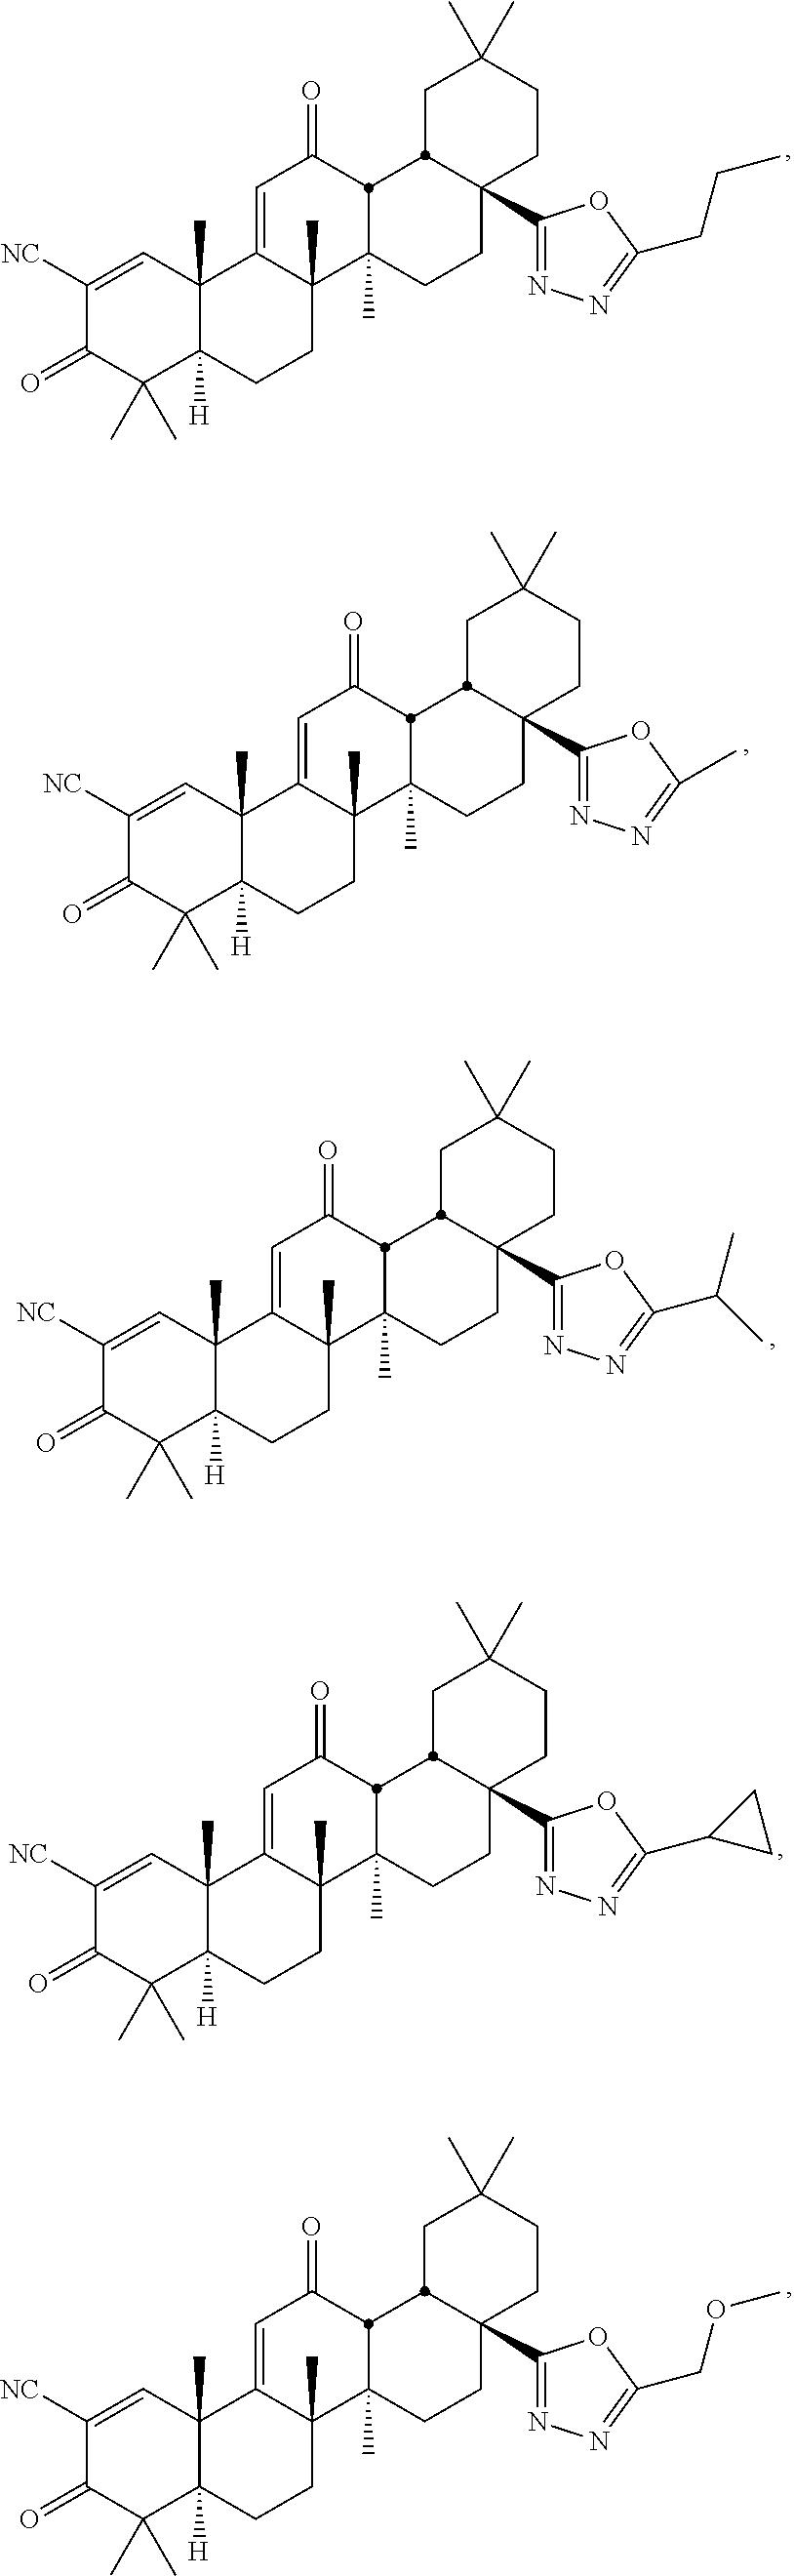 Figure US09889143-20180213-C00035